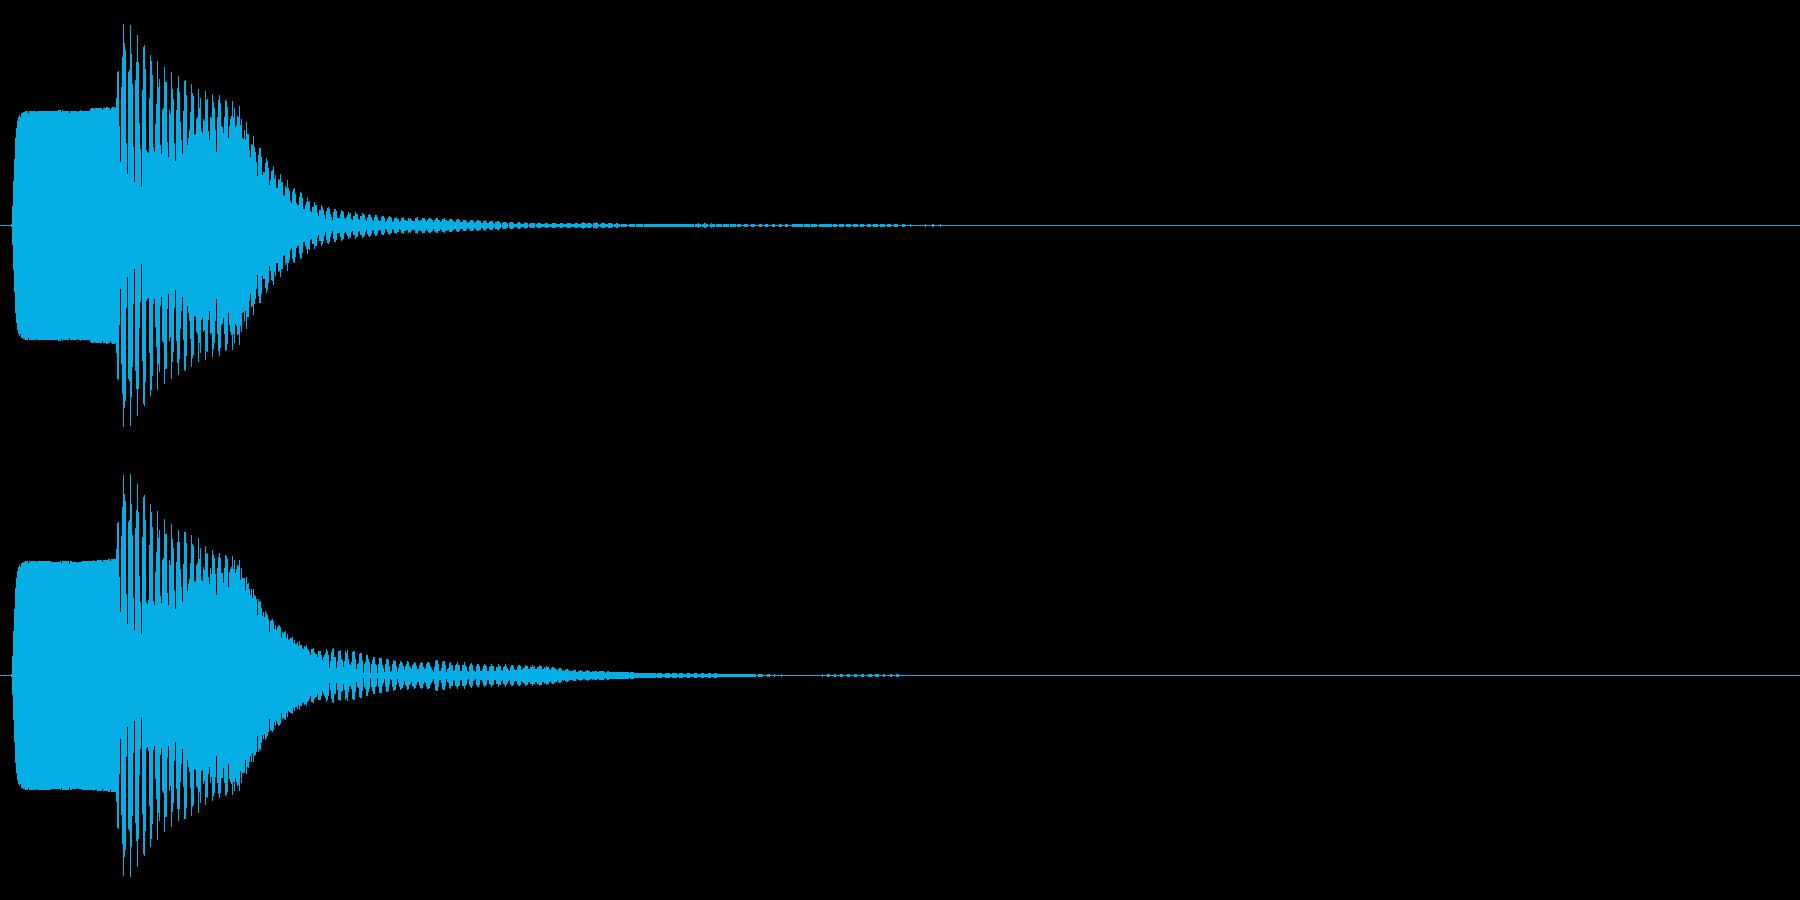 ピコン(キャンセル,終了,停止)_02の再生済みの波形